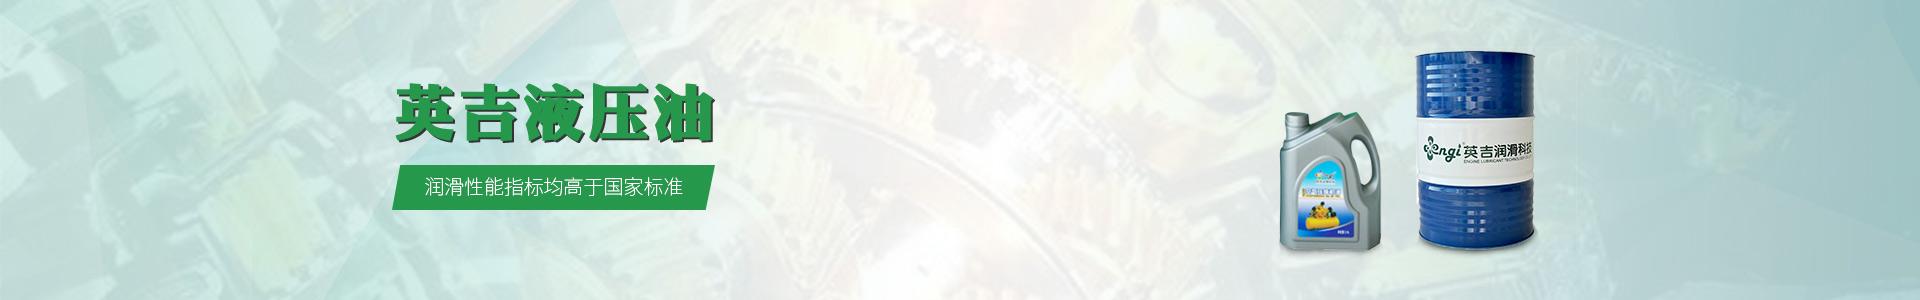 英吉液压油润滑性能指标均达到国家标准